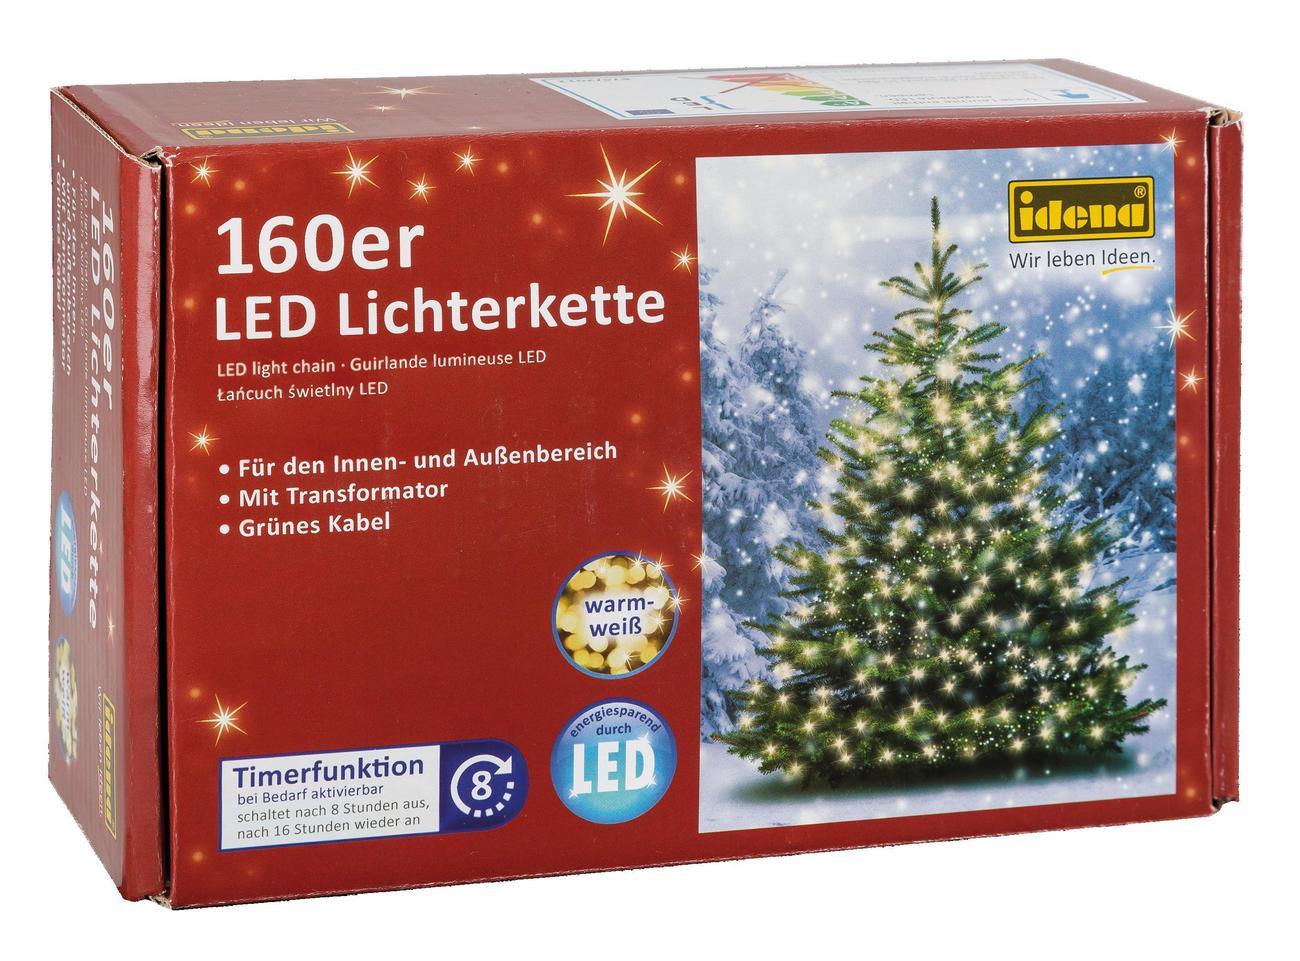 Idena markenshop 160er led lichterkette warmwei innen - Lichterkette ohne kabel ...